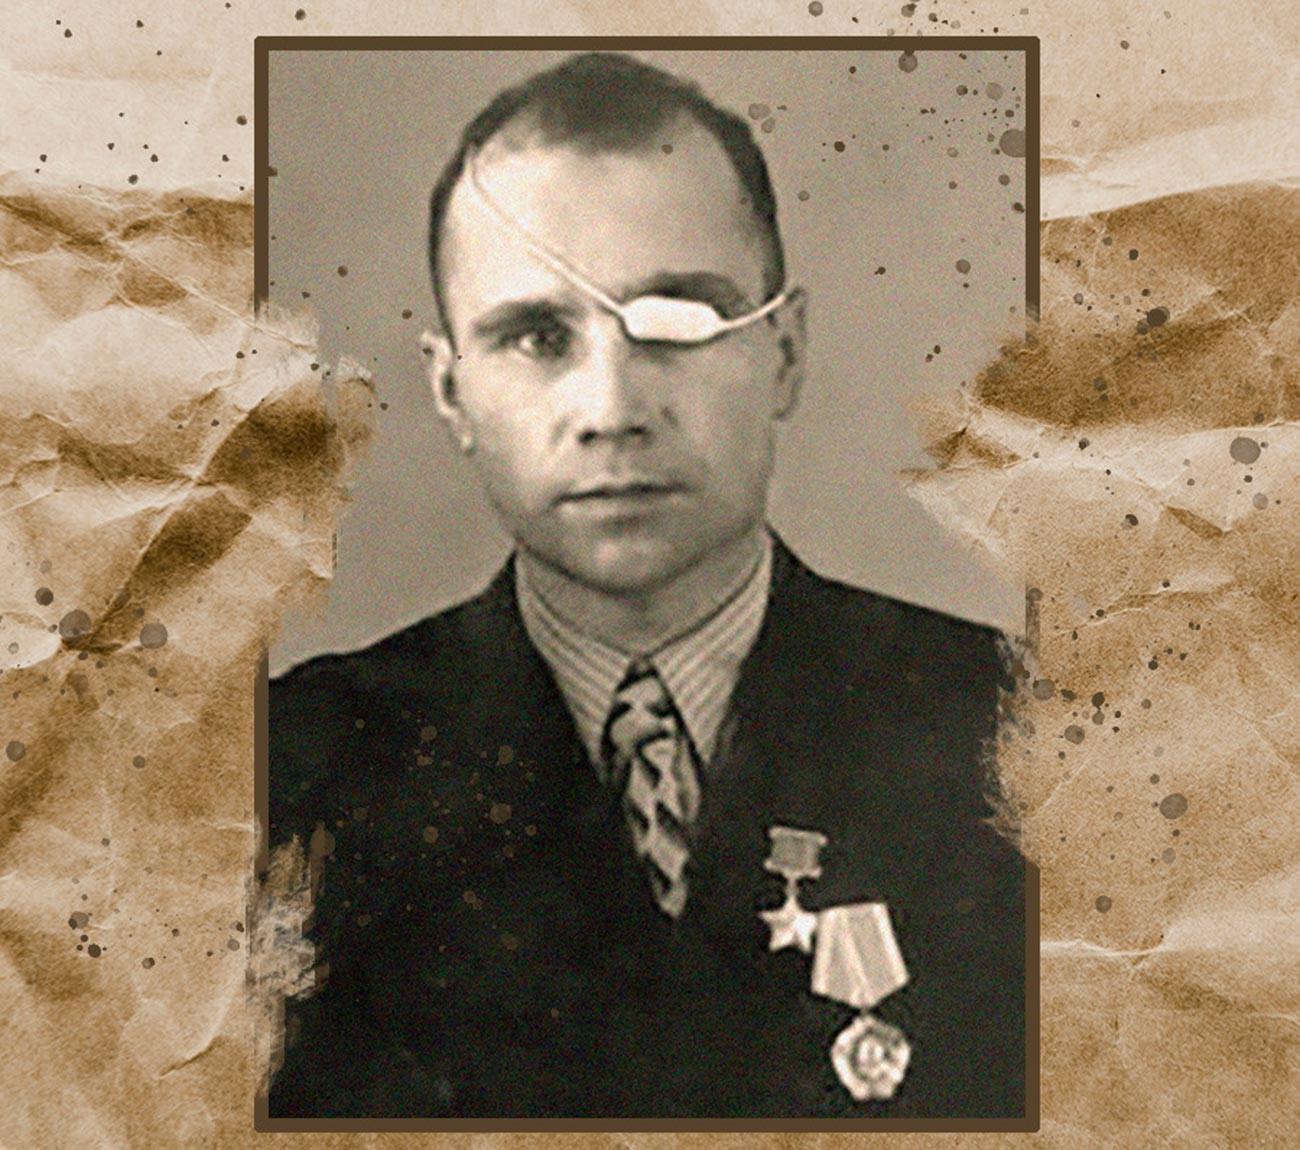 Sersan Vasily Grigin dicopot gelarnya karena terlibat hooliganisme, pencurian, dan penganiayaan yang berdampak fatal.